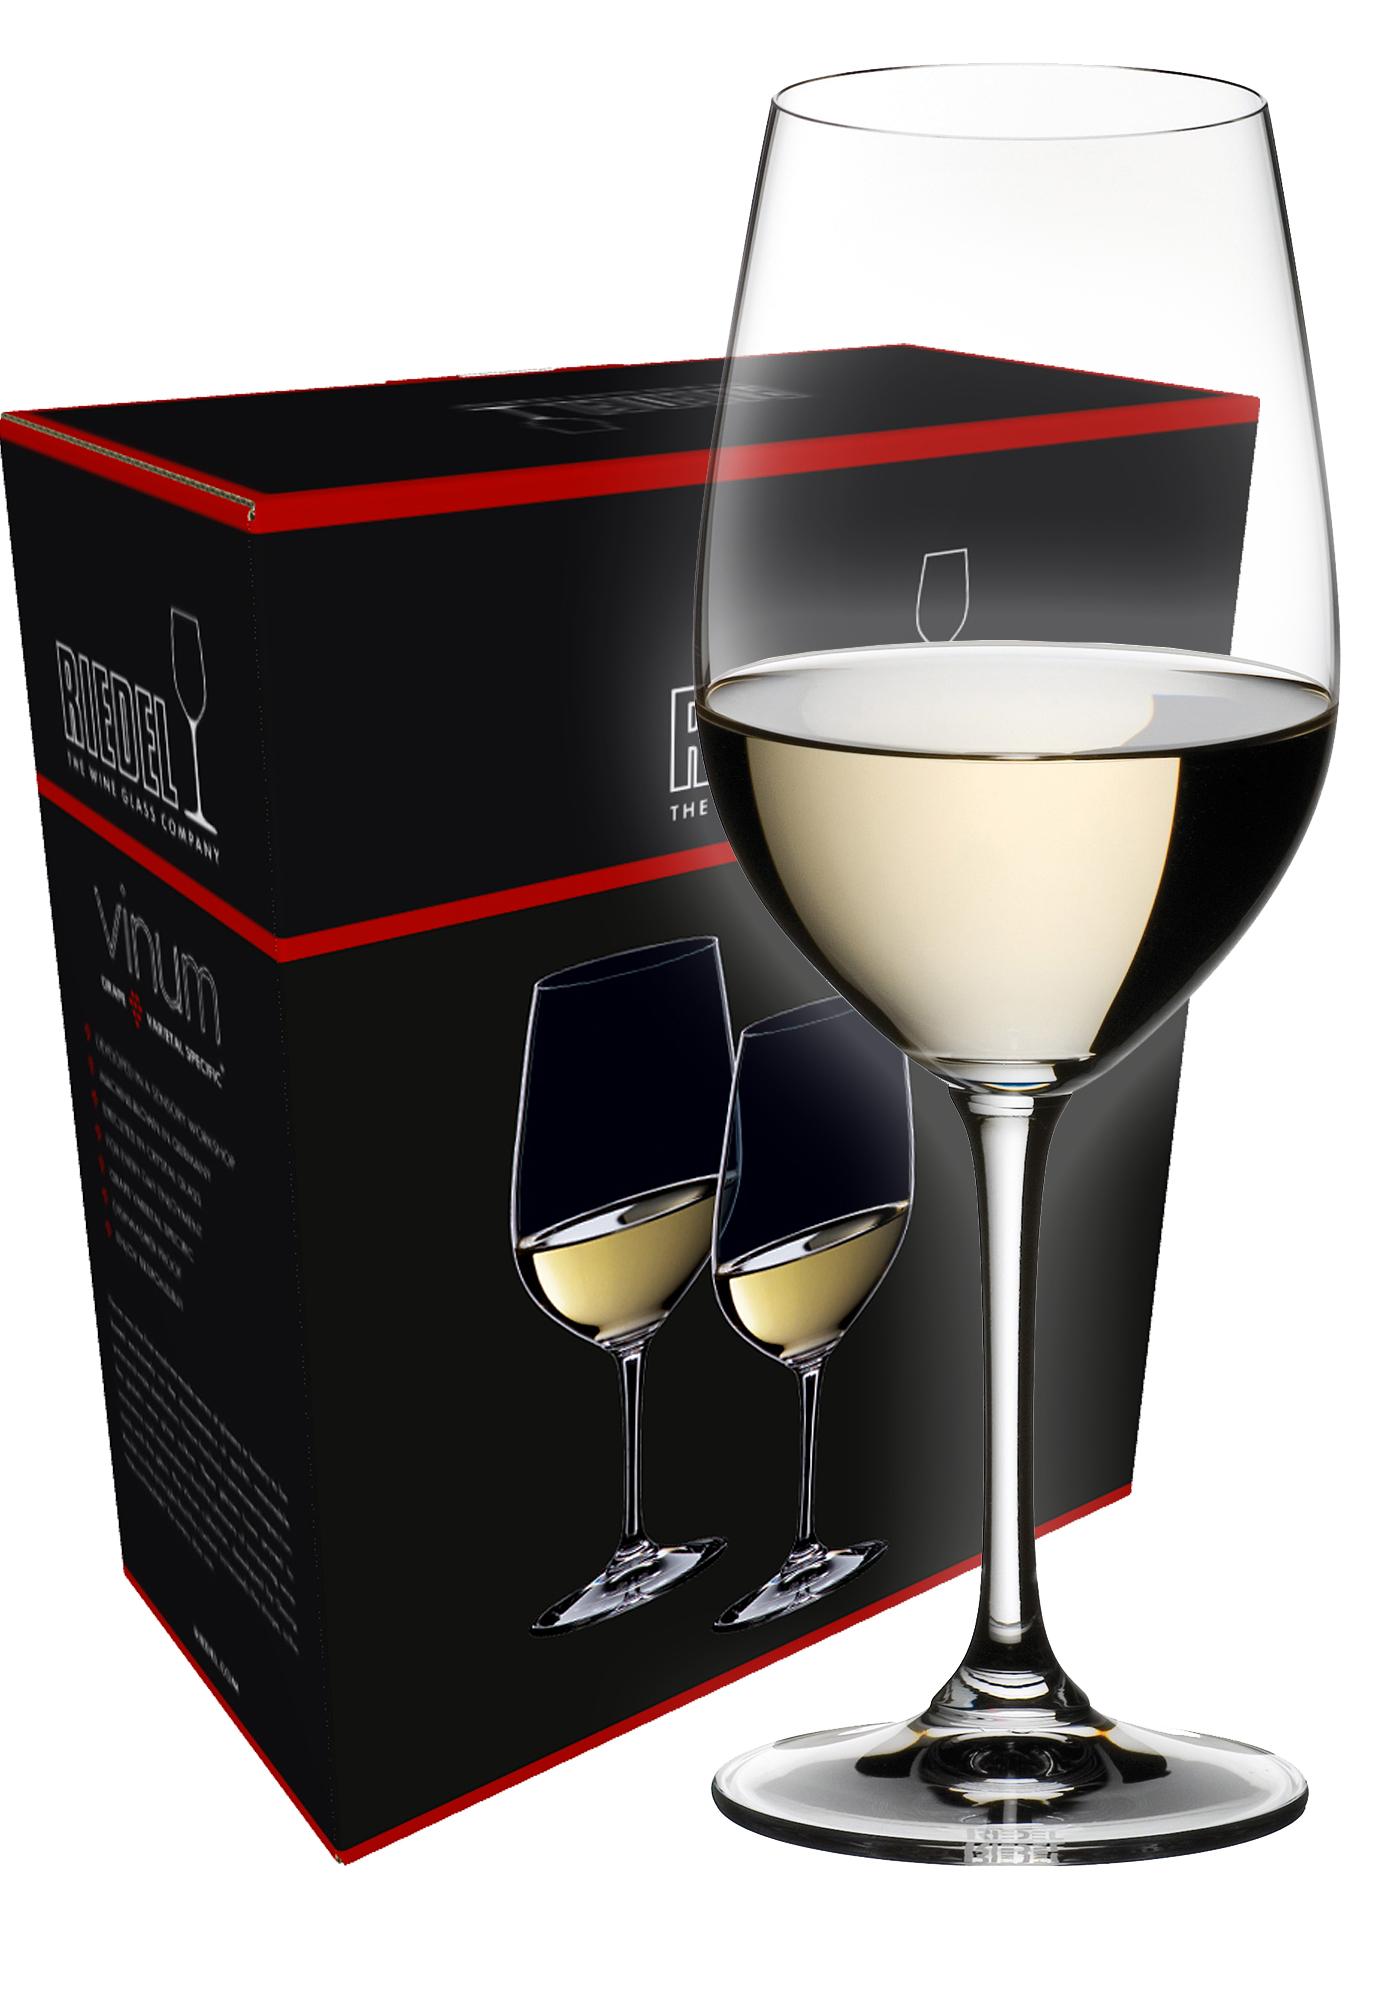 Riedel Vinum Riesling-Zinfandel wijnglas (set van 2 voor € 44,90)